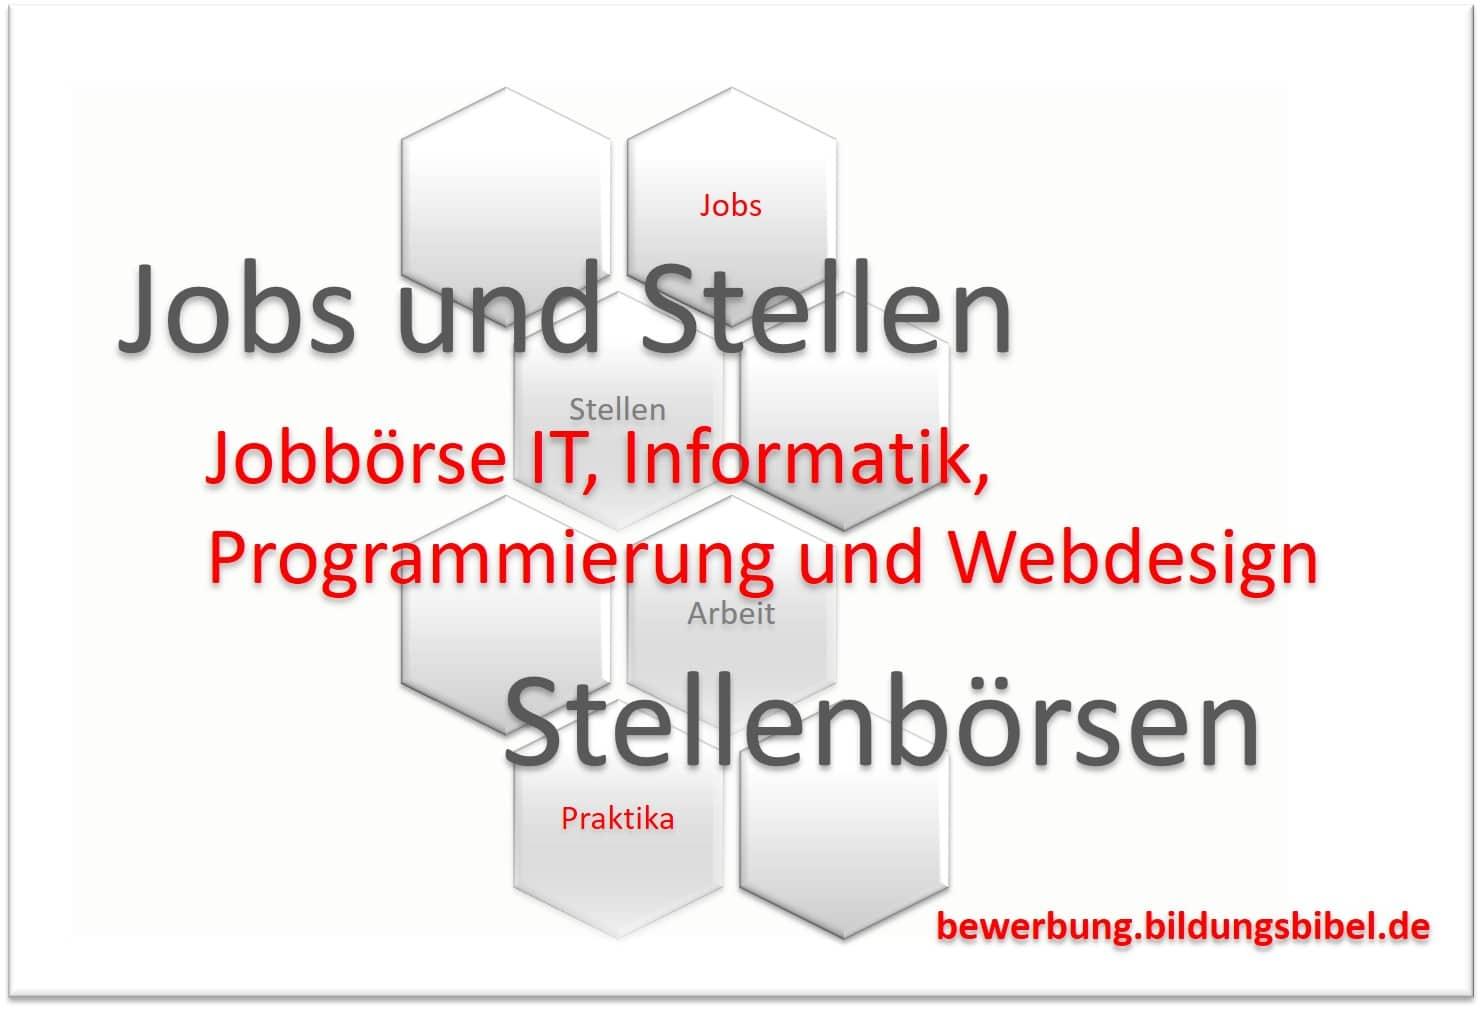 Jobbörse IT, Jobbörsen u. Stellenbörsen Informatik, Programmierung, Softwareentwicklung, Webdesign, Jobs SAP, Freelancer, Administrator.